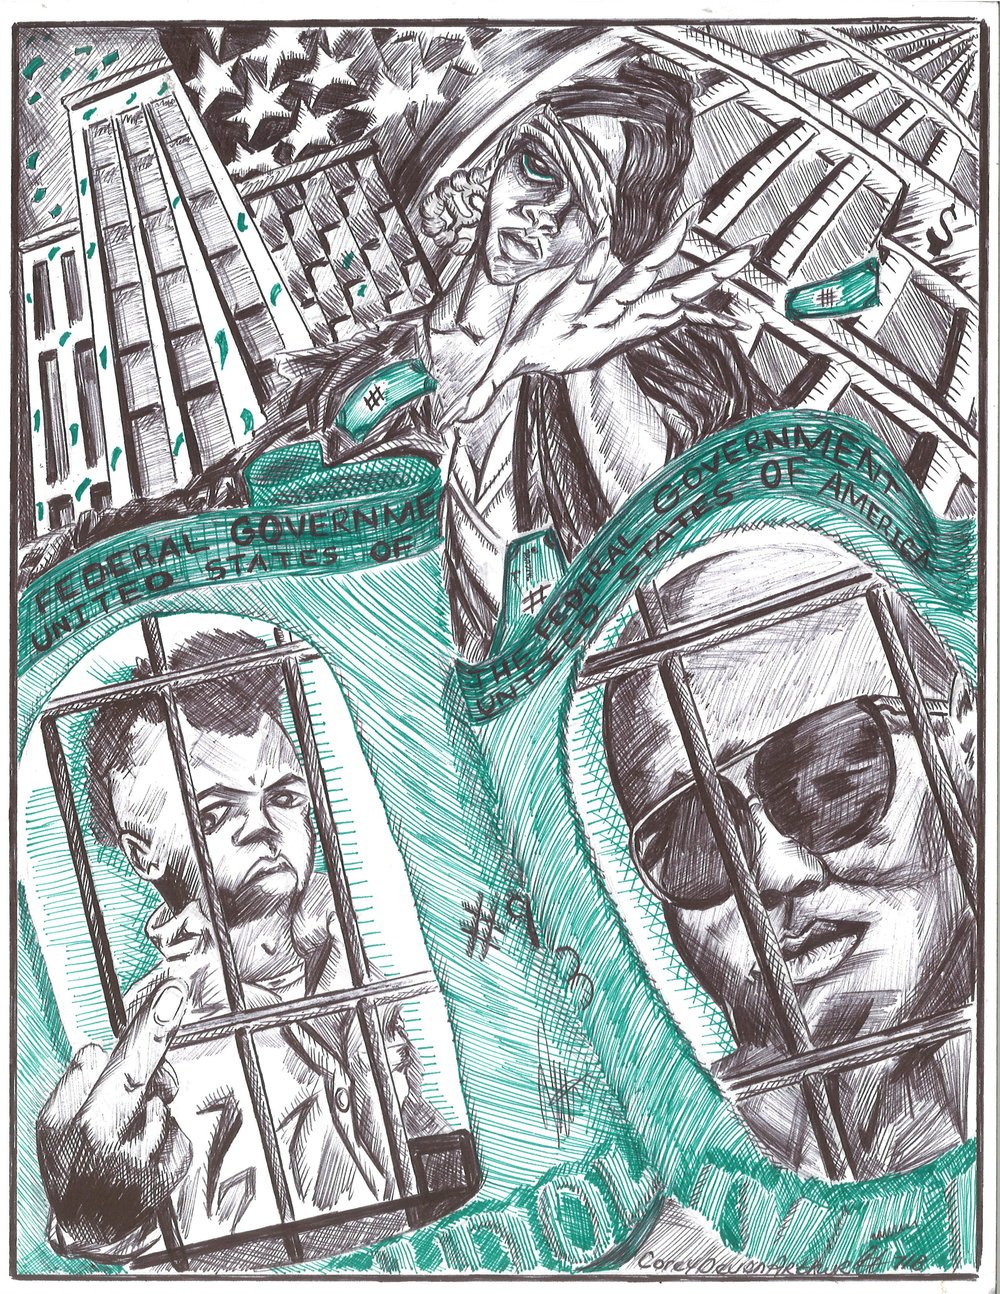 Corey Devon Arthur (Age 40)   Brooklyn, NY   Facility: Fishkill Correctional Facility, NY Sentence: 25 years to Life Time Served: 22 years